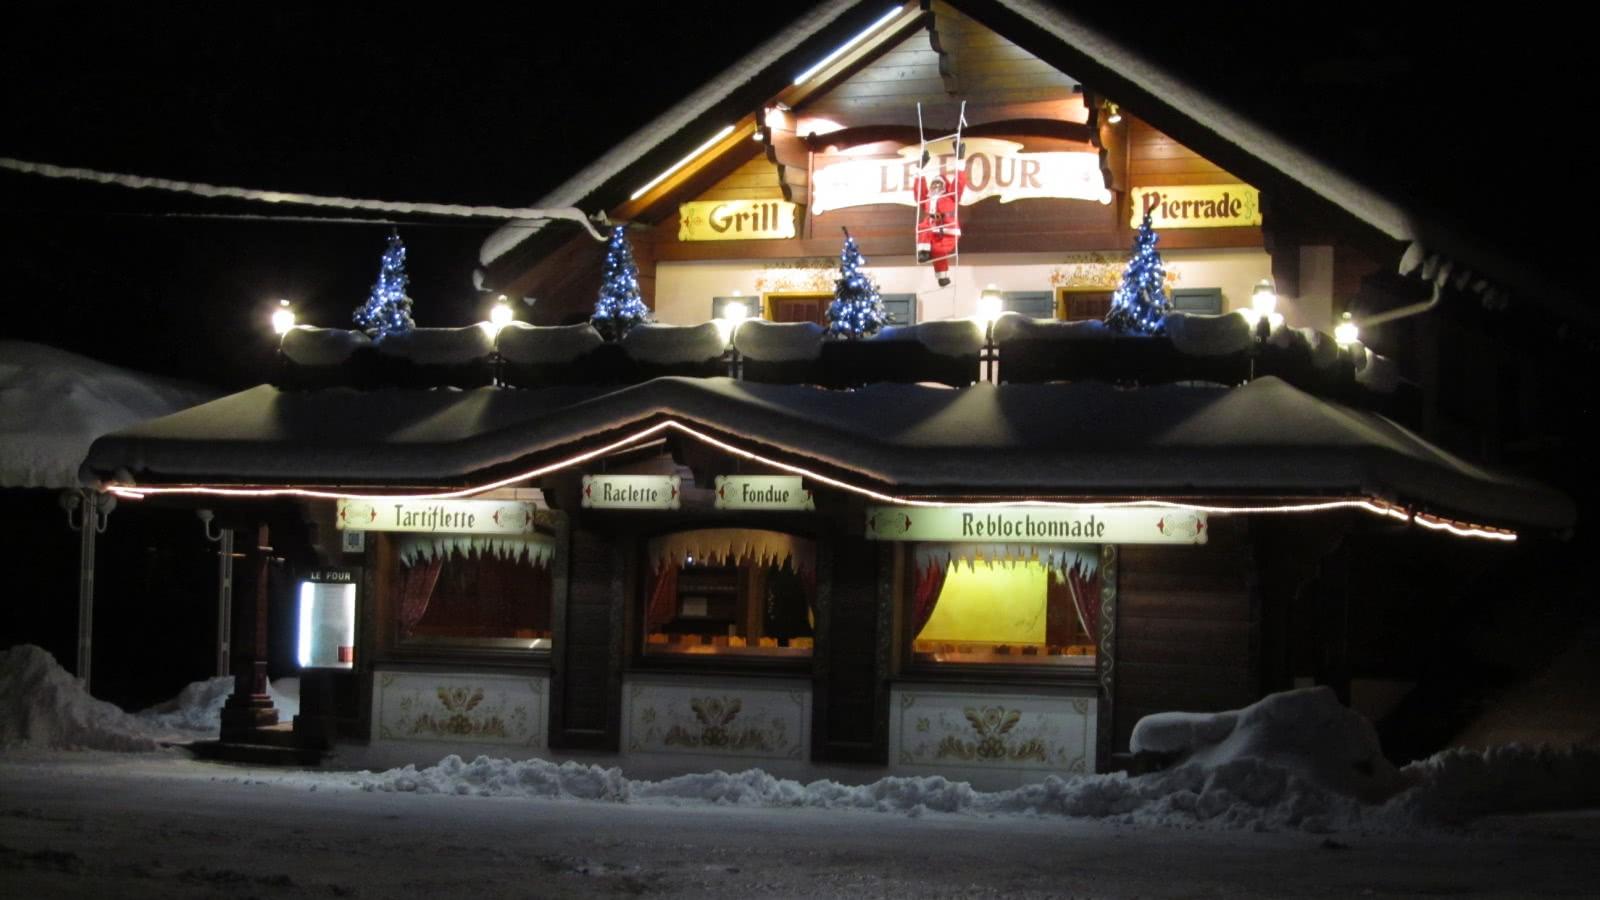 Restaurant Le Four